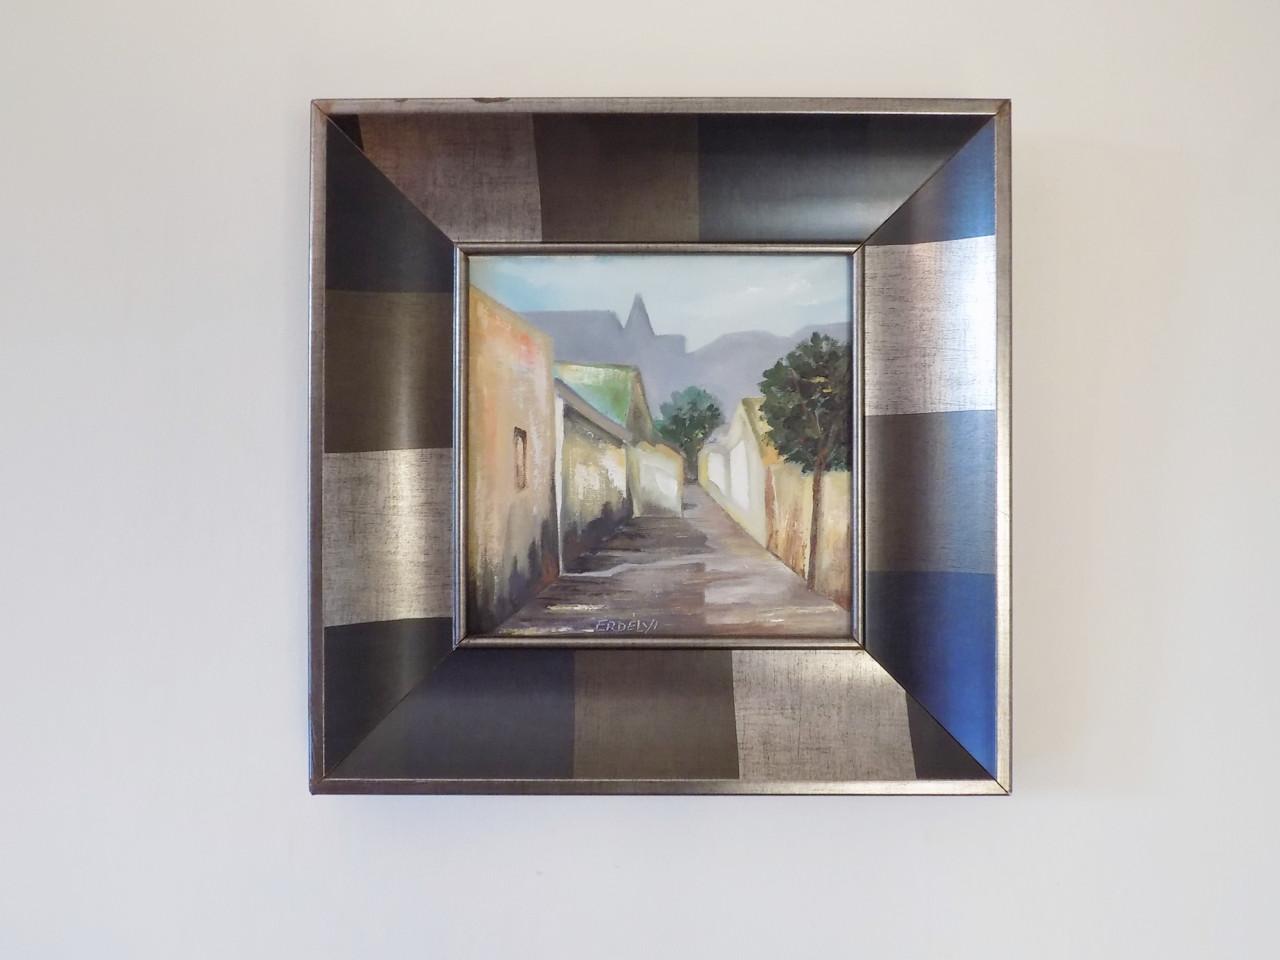 oryginalny obraz na ścianie apartamentu